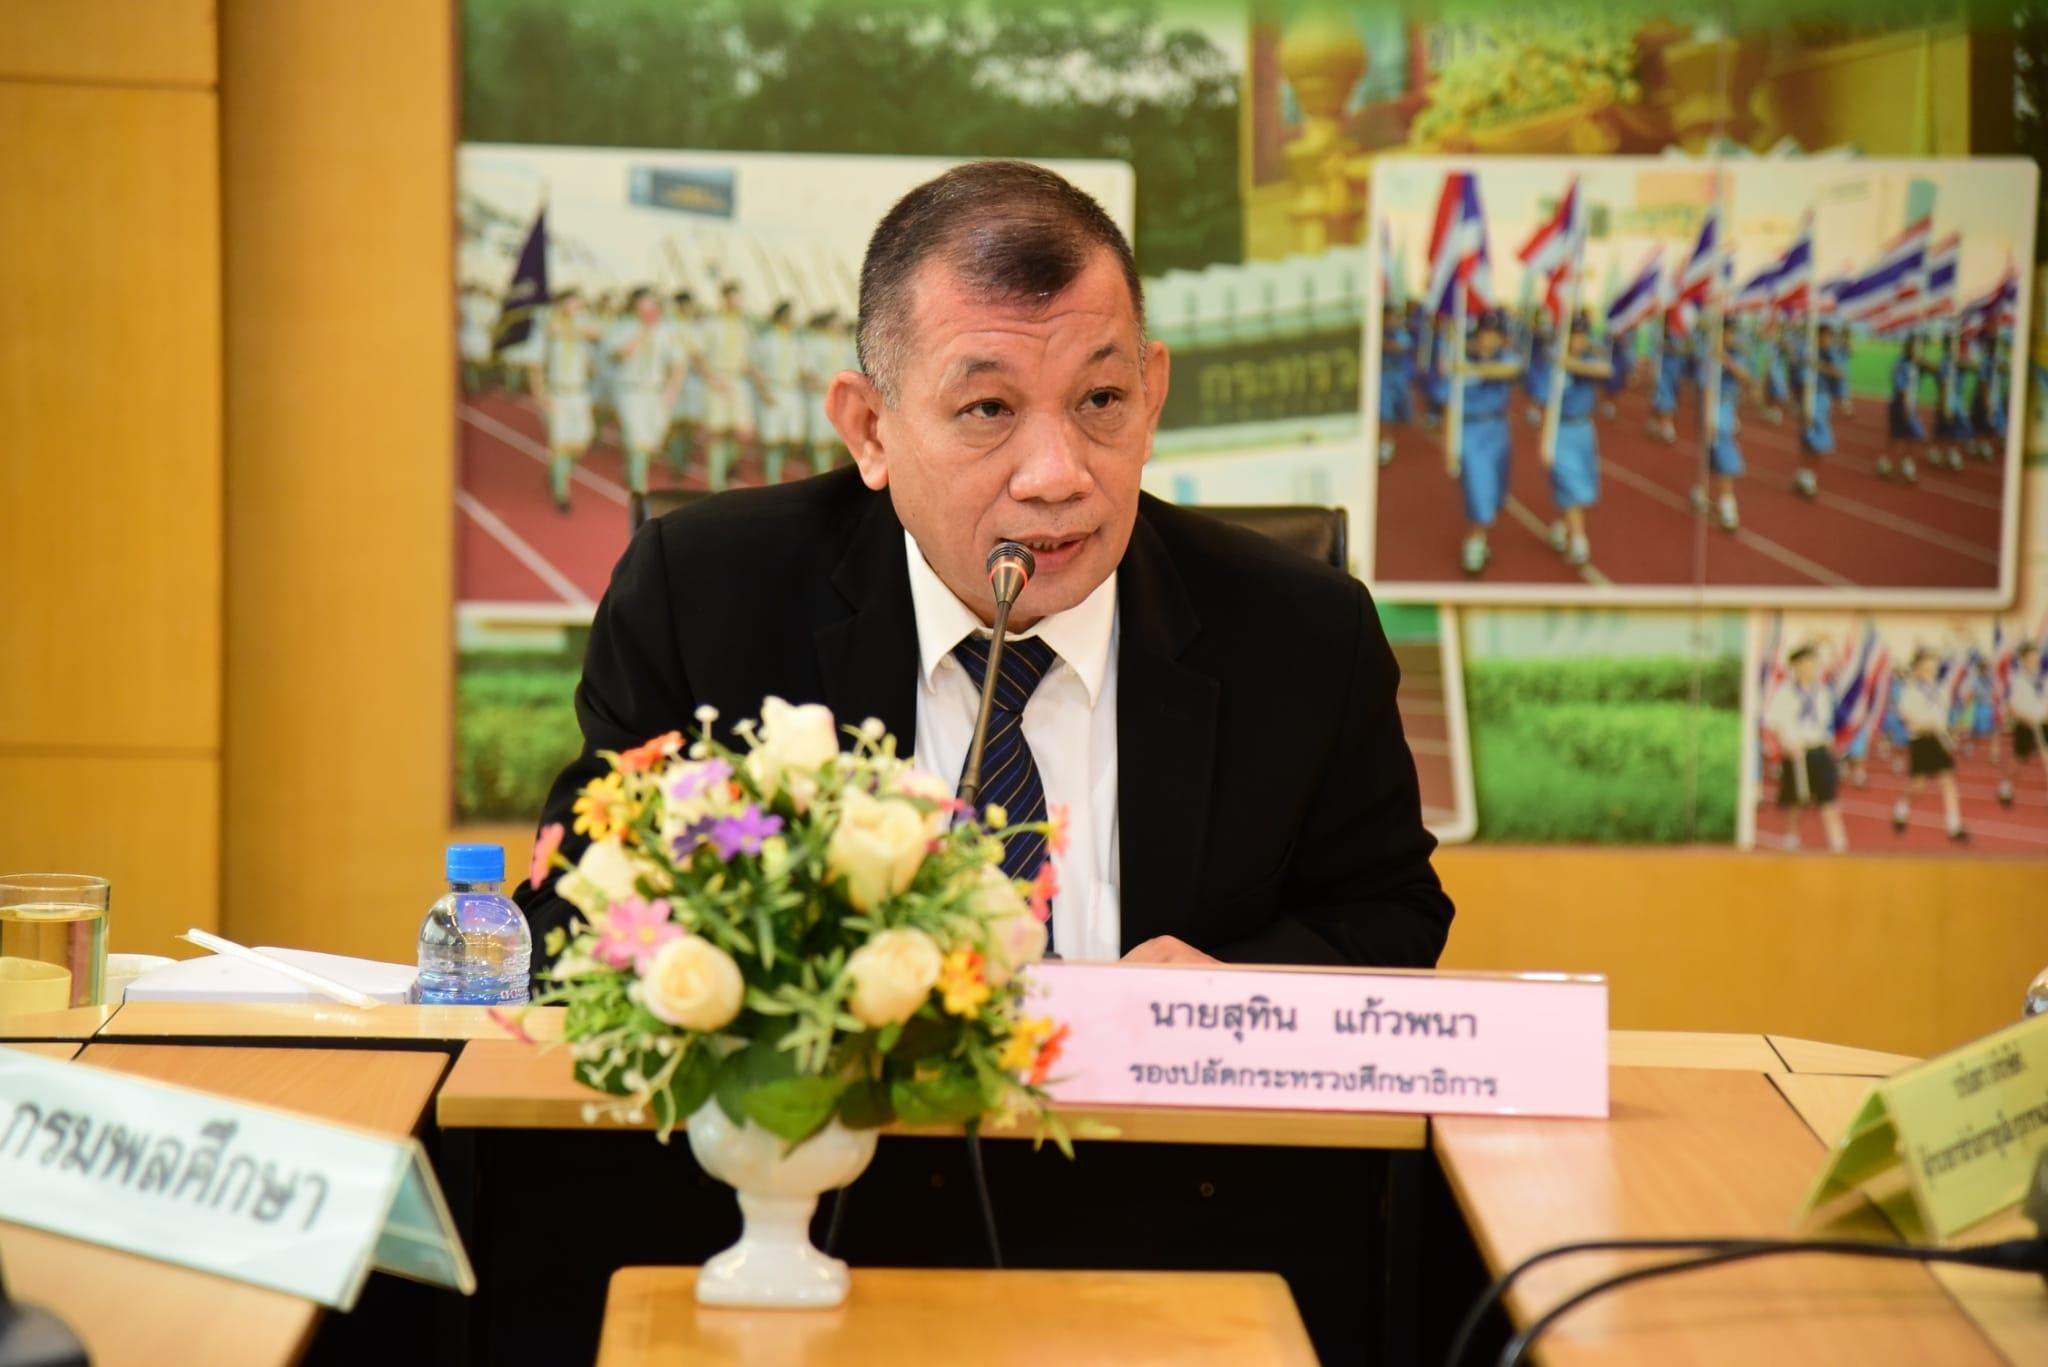 เตรียมจัดงาน'วันคล้ายวันสถาปนายุวกาชาดไทย' ครบรอบ 99 ปี 26-27 มกราคม 2564 ณ สนามศุภชลาศัย กรีฑาสถานแห่งชาติ